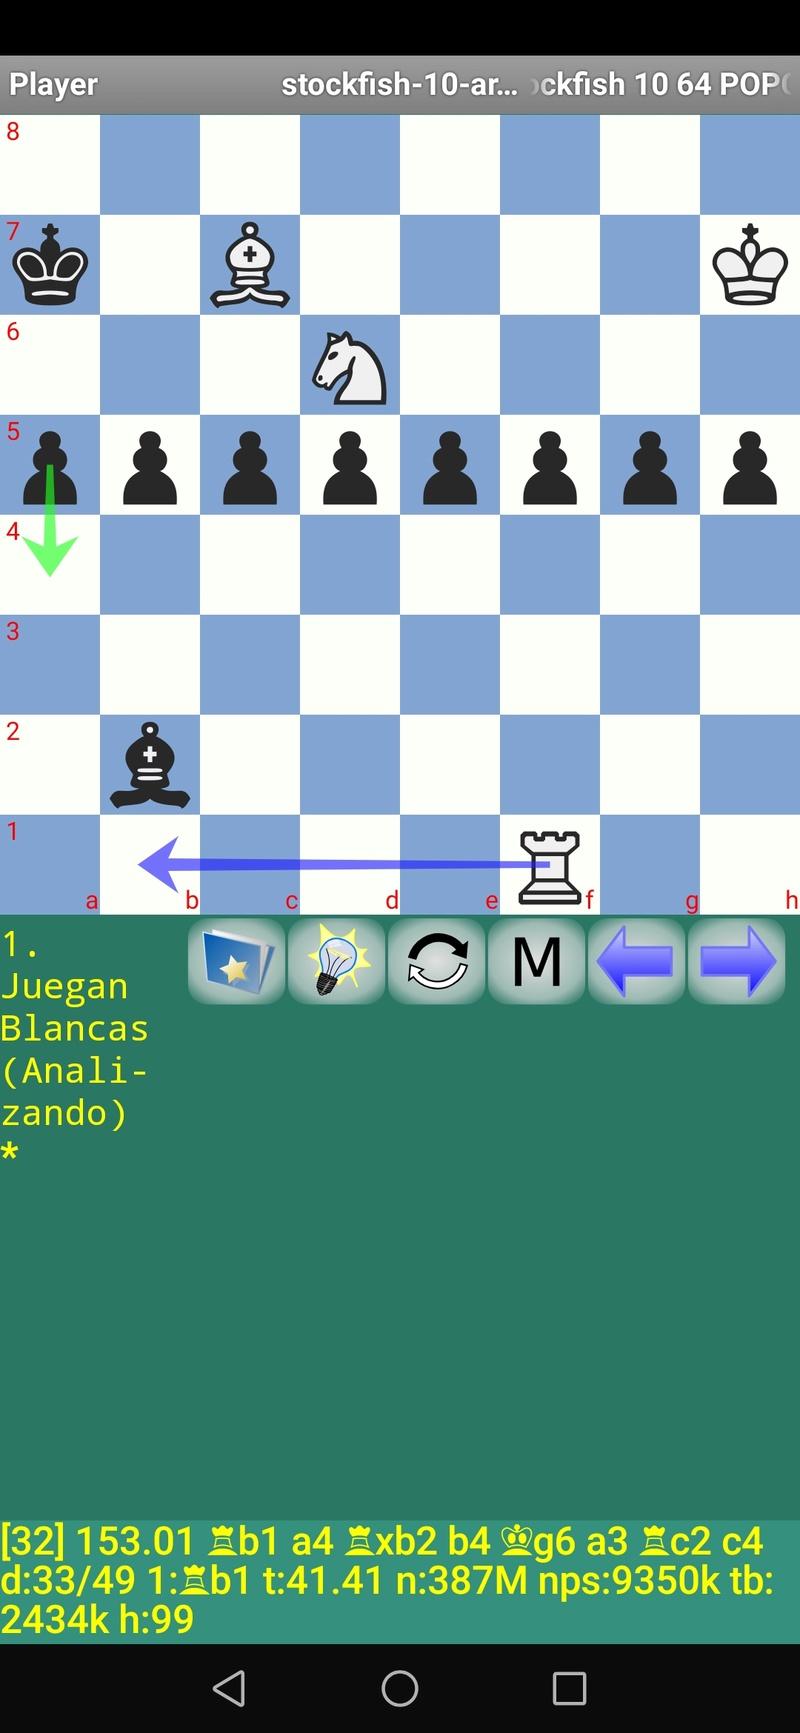 30 posiciones de Test fabulosas con el Stockfish 10 / Matador de QUIJOTEL (I) Scree105